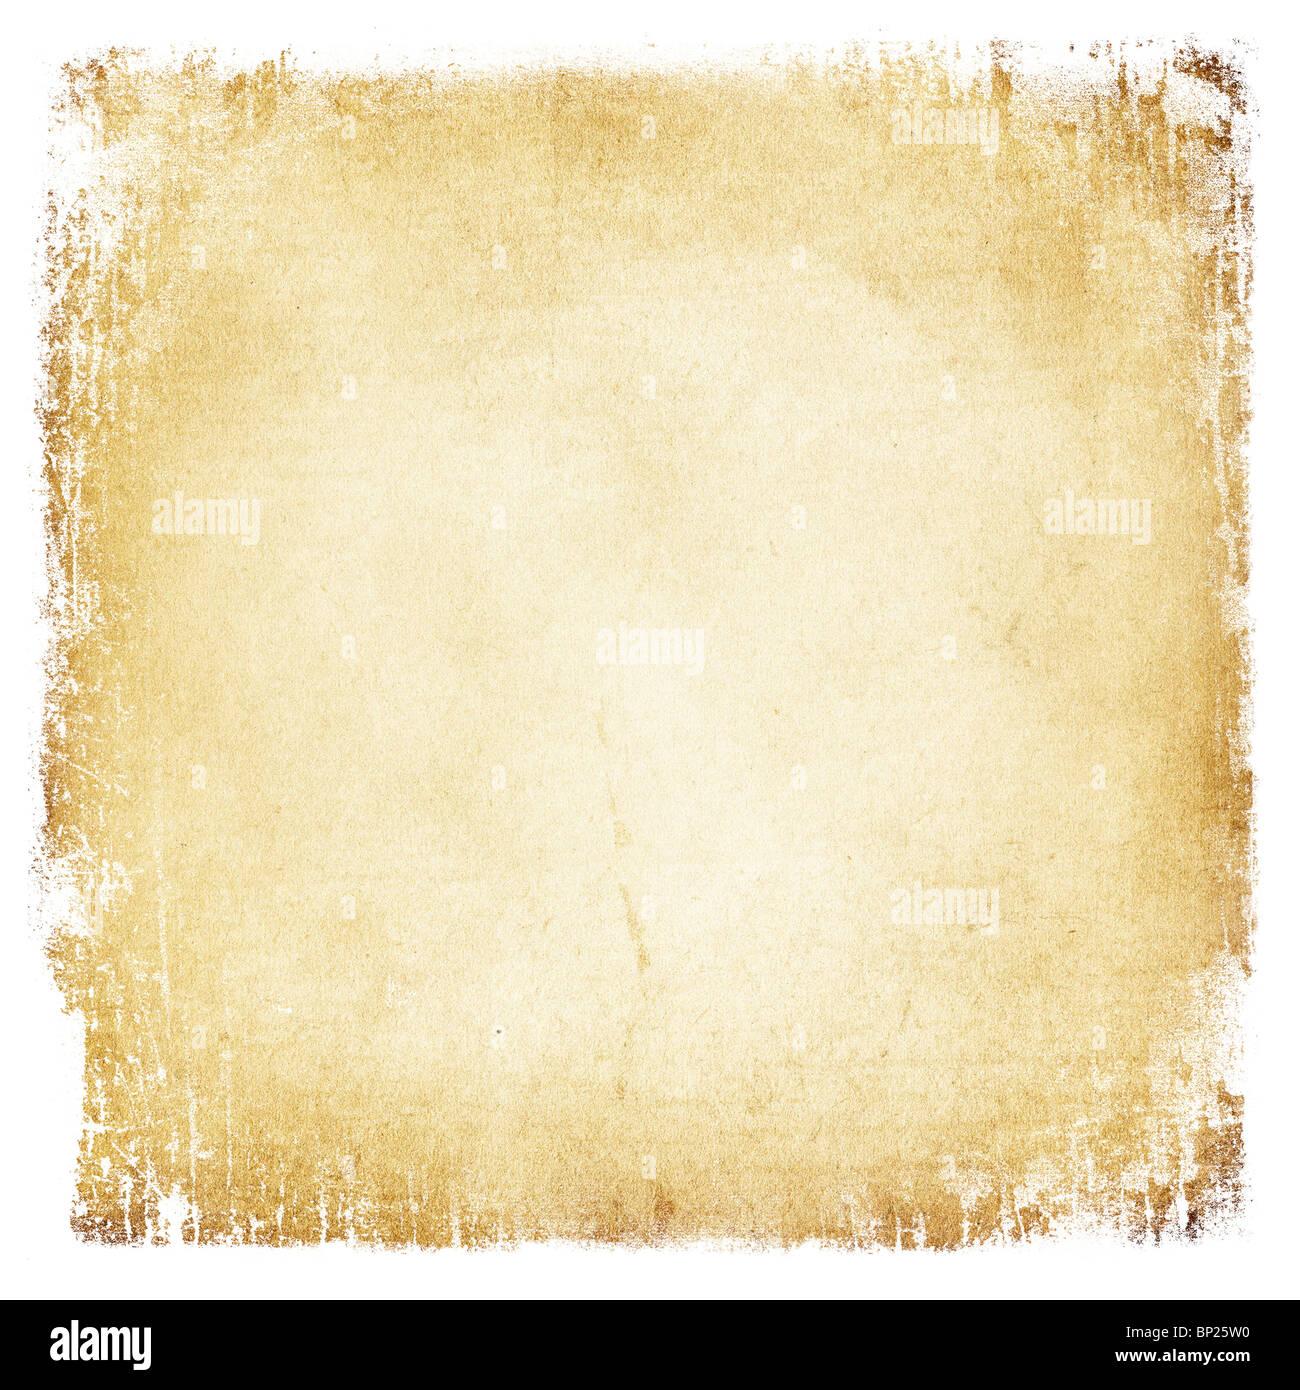 Grunge vintage paper background. - Stock Image